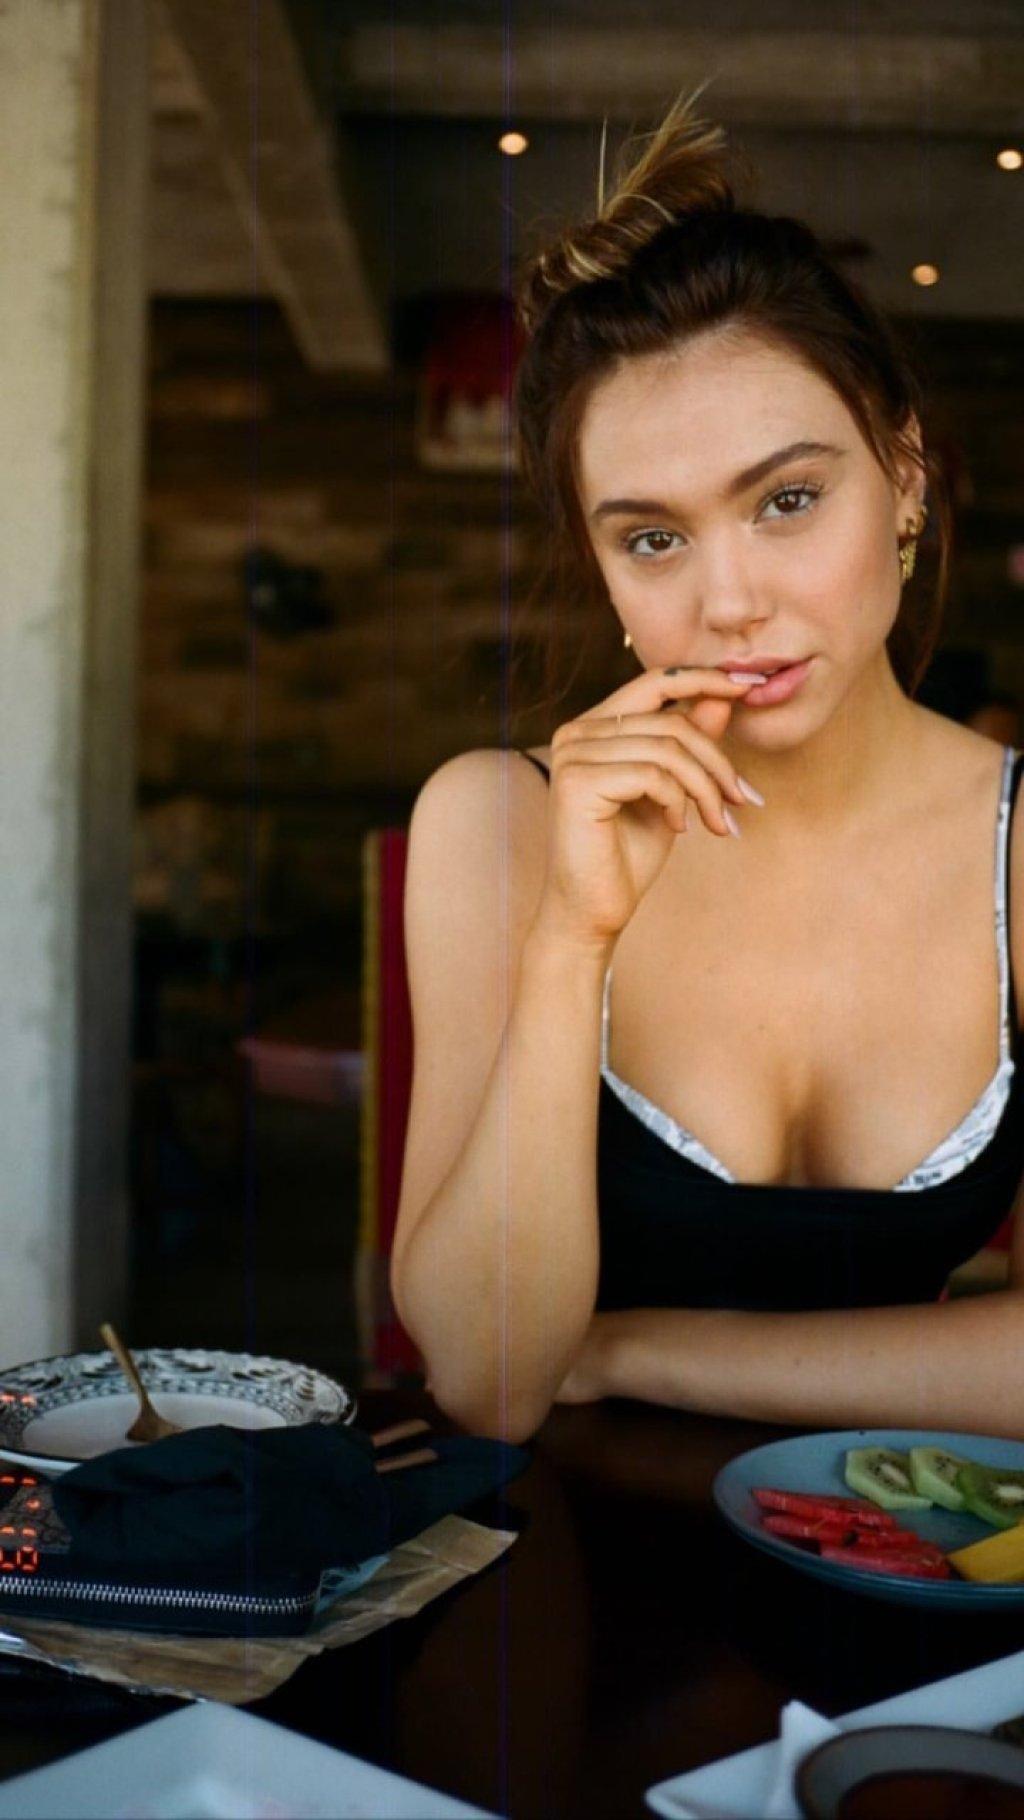 Alexis Ren Sexy (39 Photos)